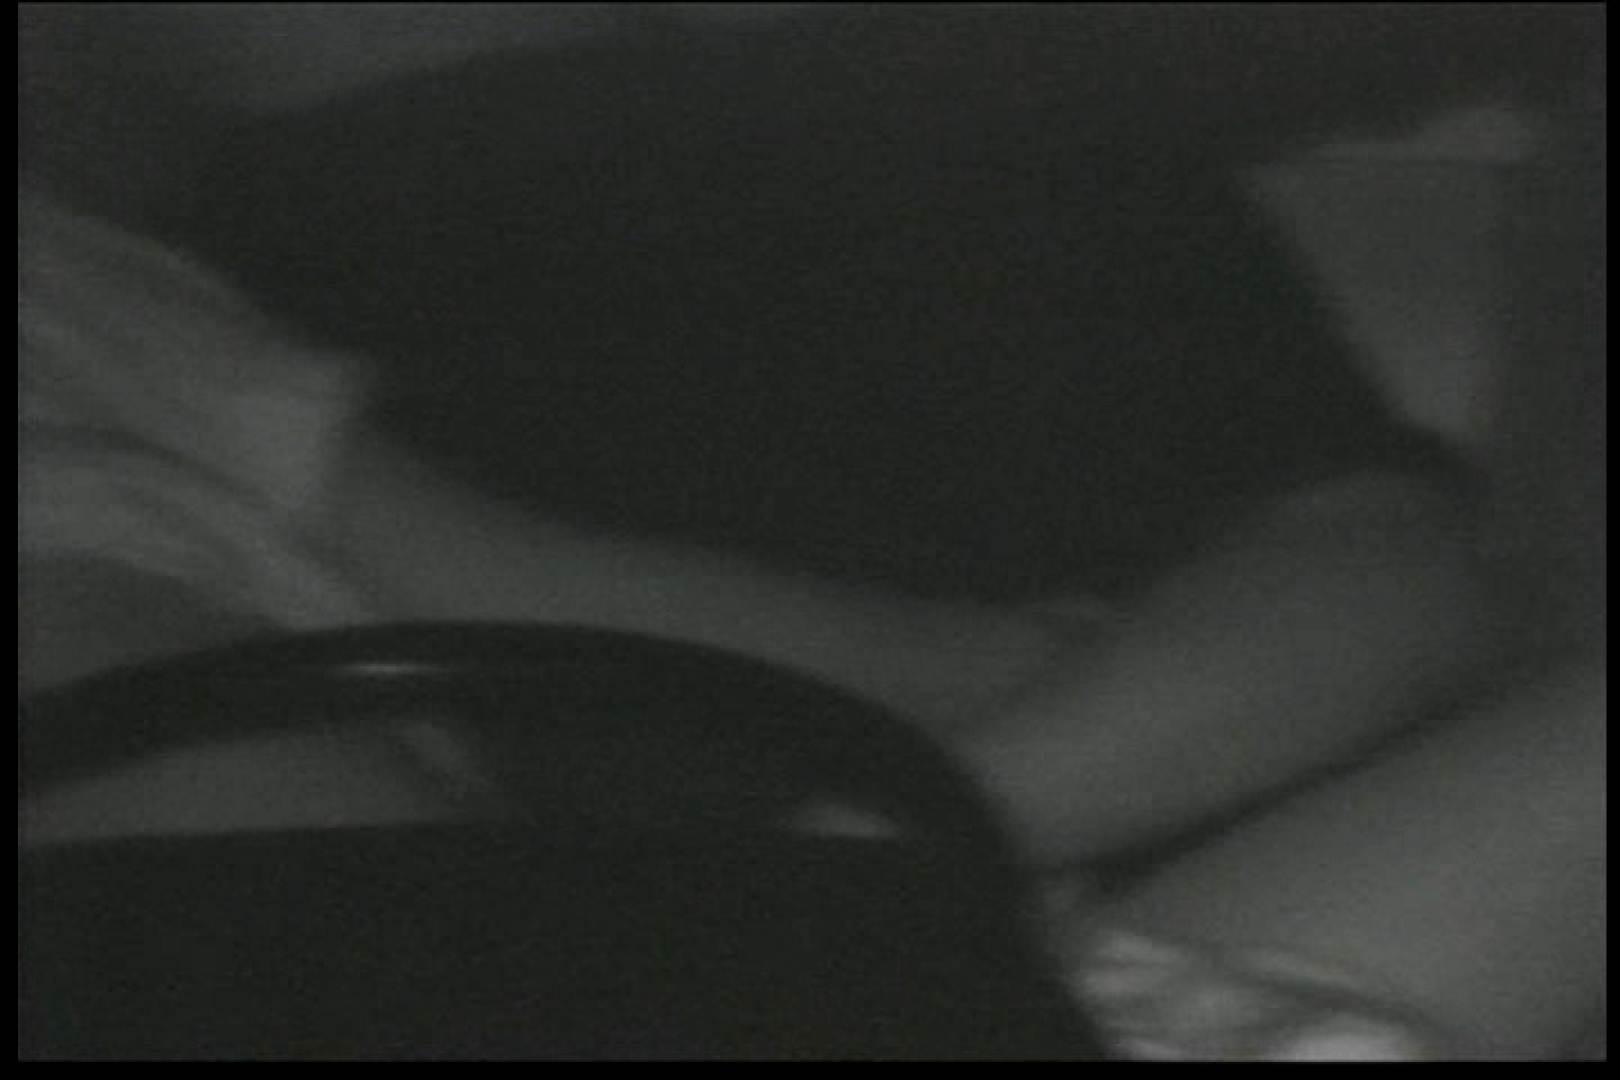 車の中はラブホテル 無修正版  Vol.12 赤外線 ぱこり動画紹介 87pic 54